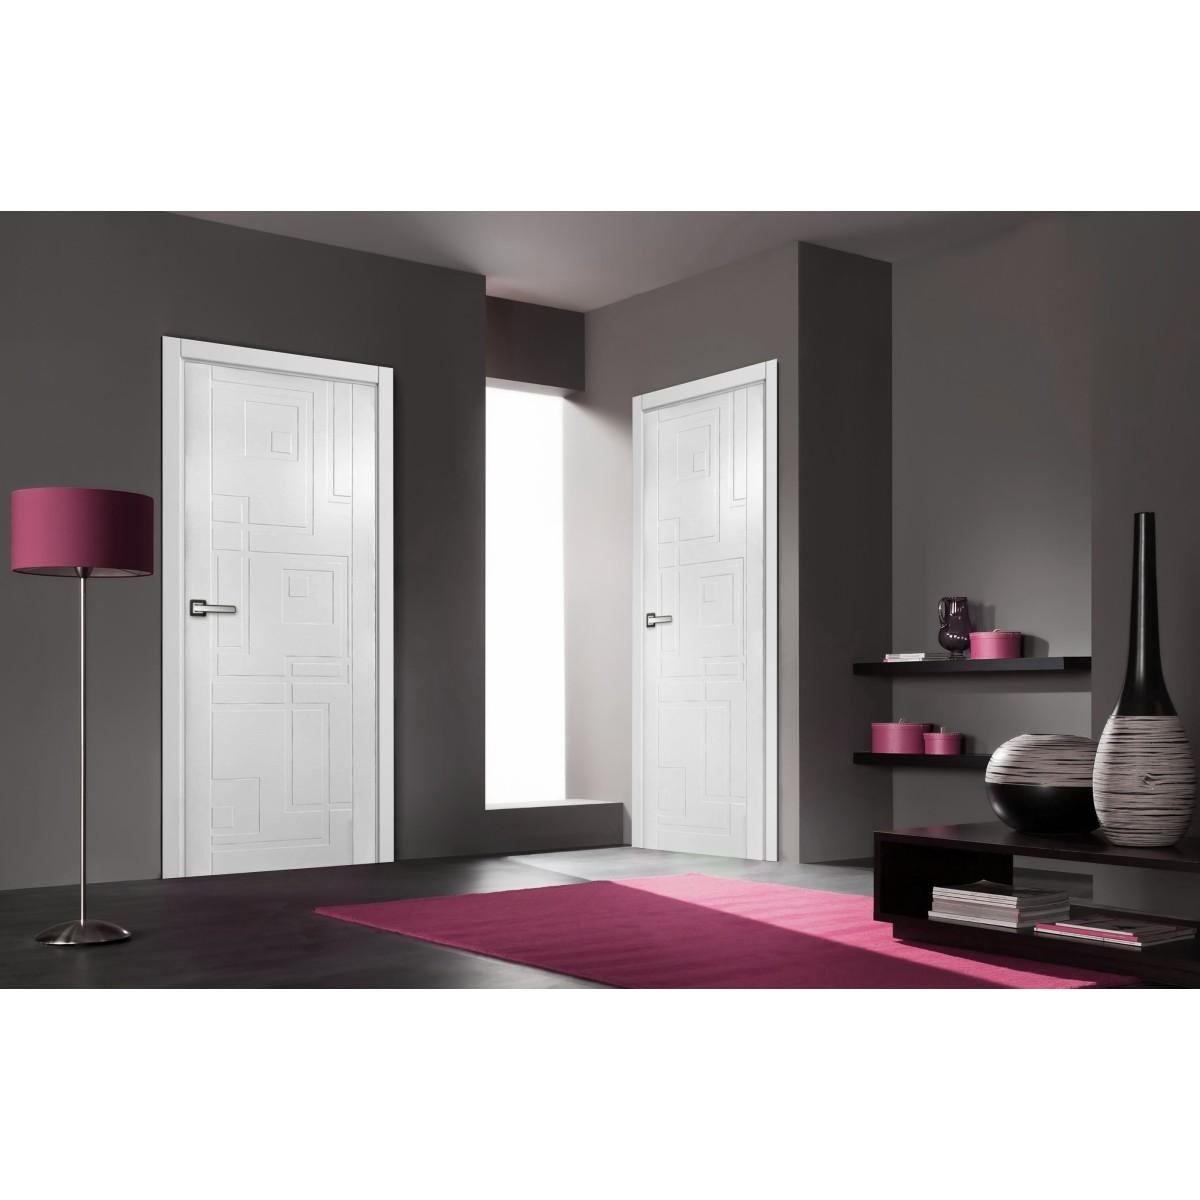 Дверь Межкомнатная Глухая Верде 190x80 Эмаль Цвет Серый С Фурнитурой